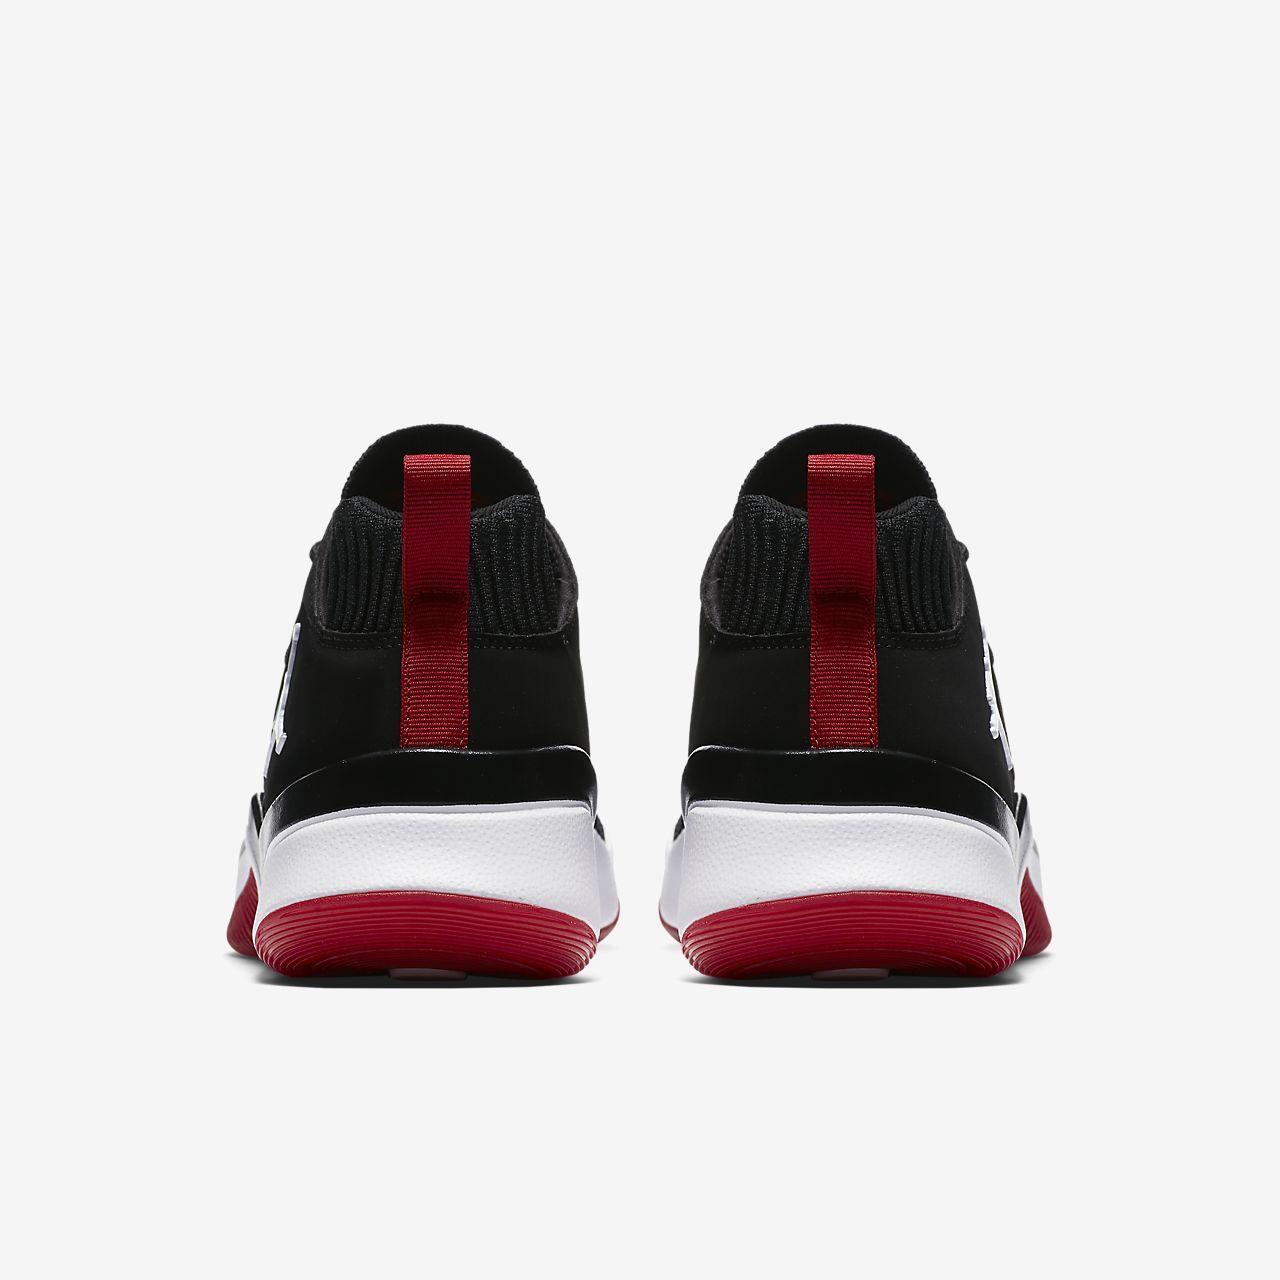 02f609e9ed8 Jordan DNA LX Older Kids  Shoe. Nike.com AU